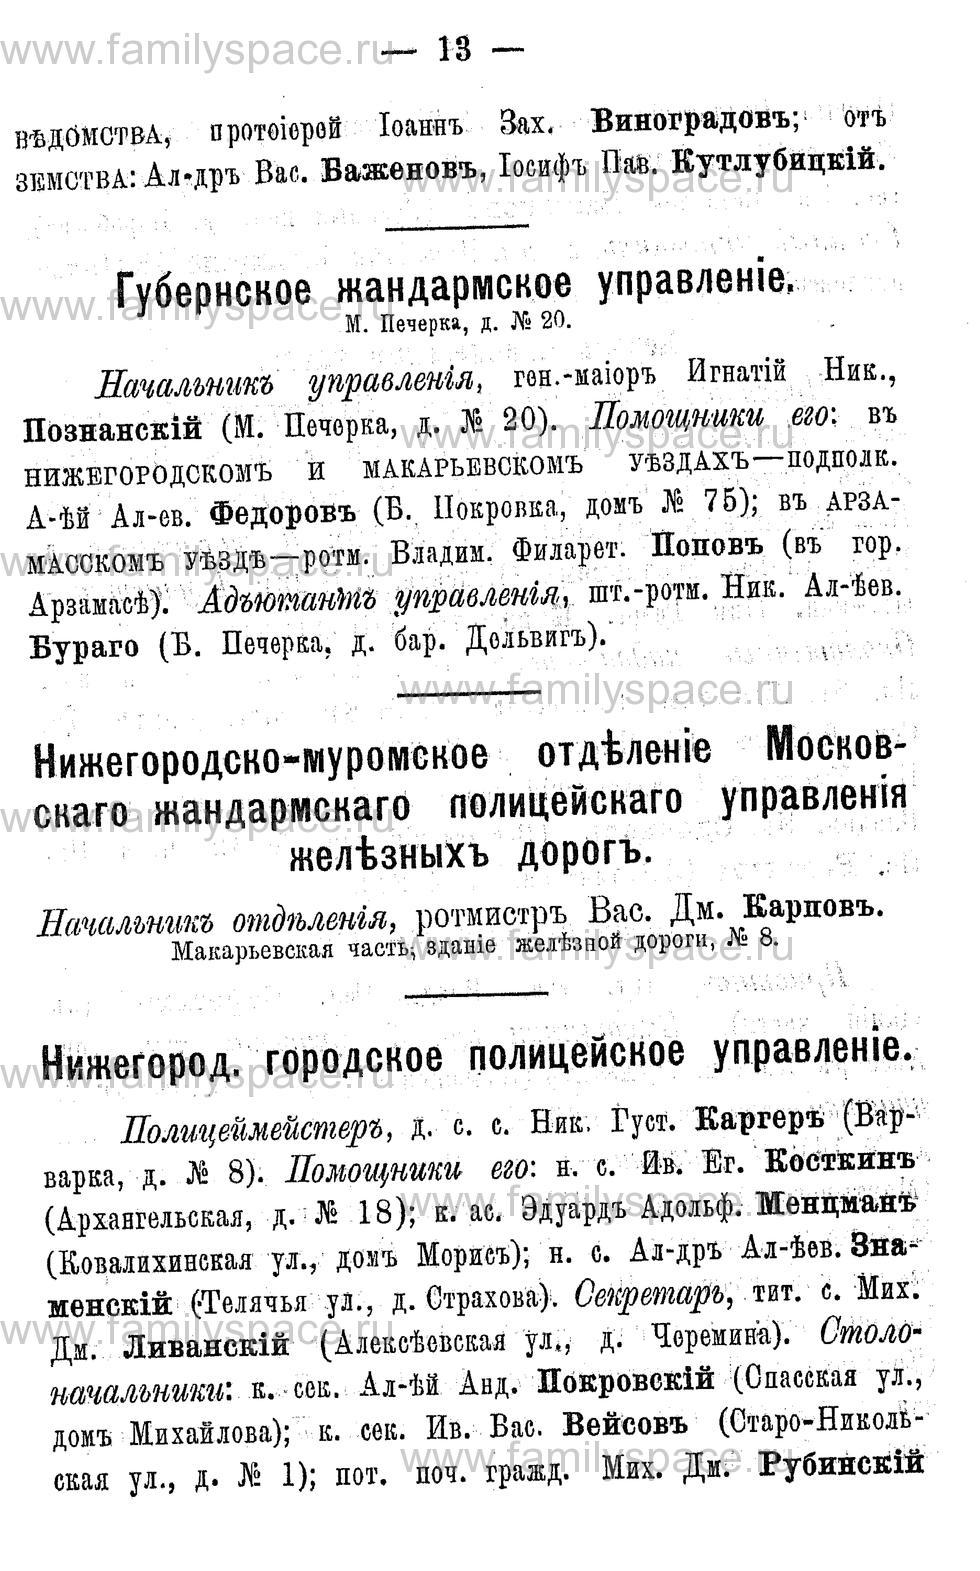 Поиск по фамилии - Адрес-календарь Нижегородской губернии на 1891 год, страница 13